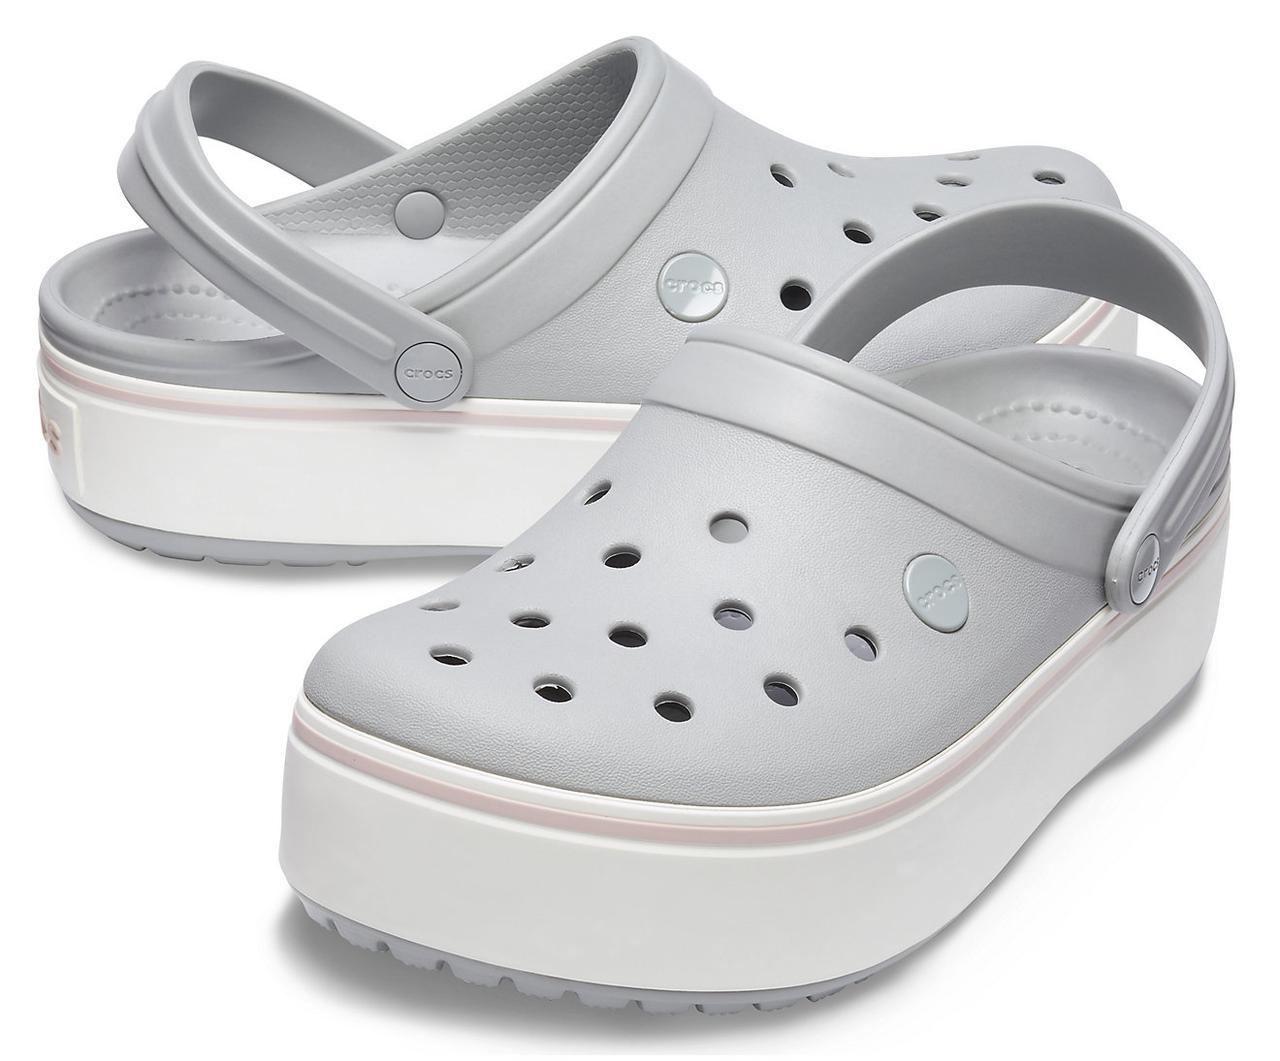 Кроксы летние Crocs Platform серые 36 разм.